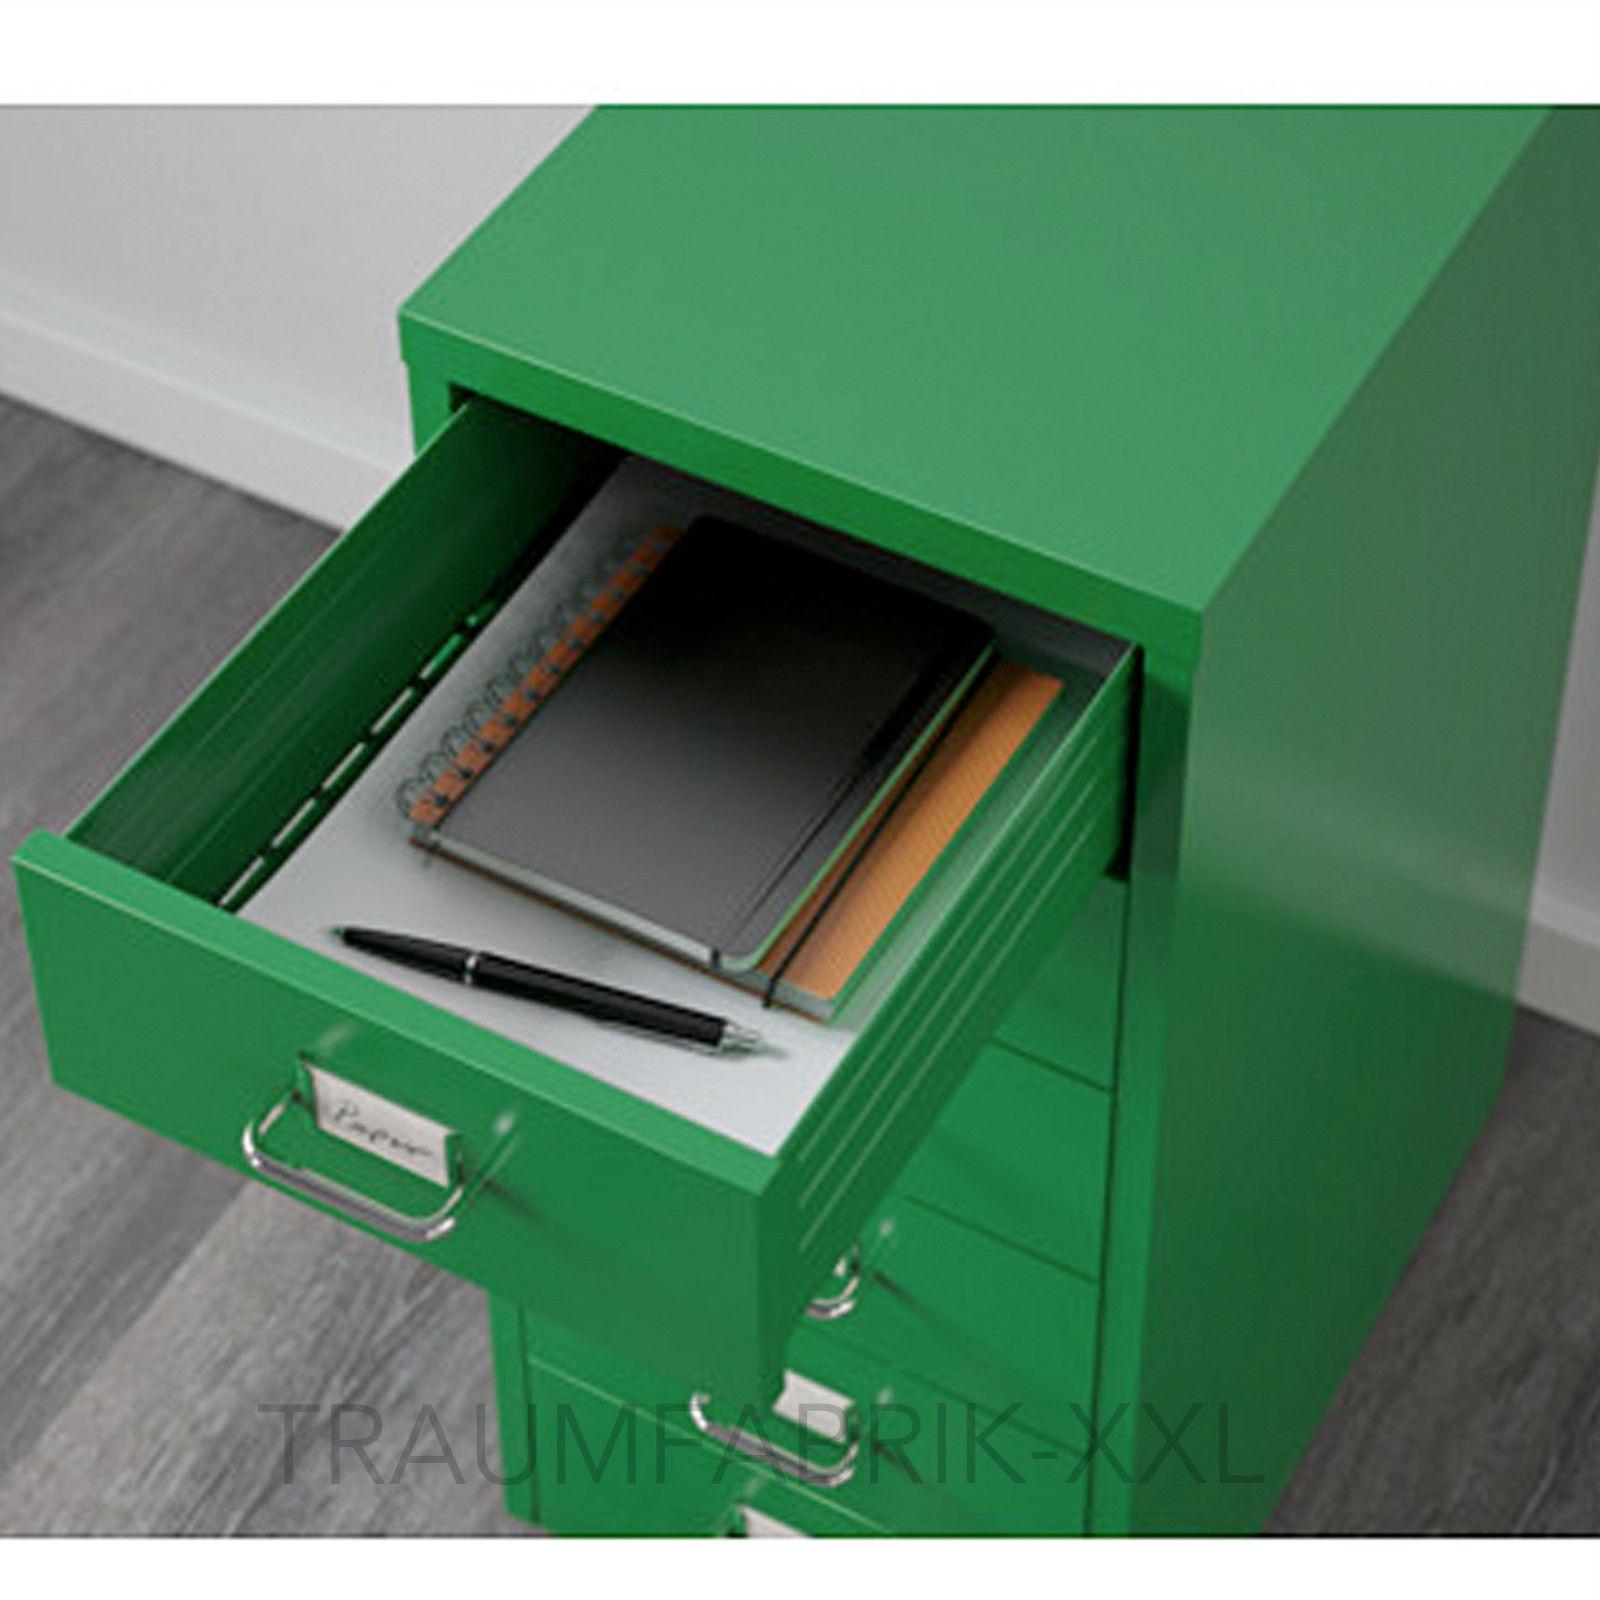 Ikea Bürocontainer ikea helmer schubladenelement mit rollen büroschrank grün